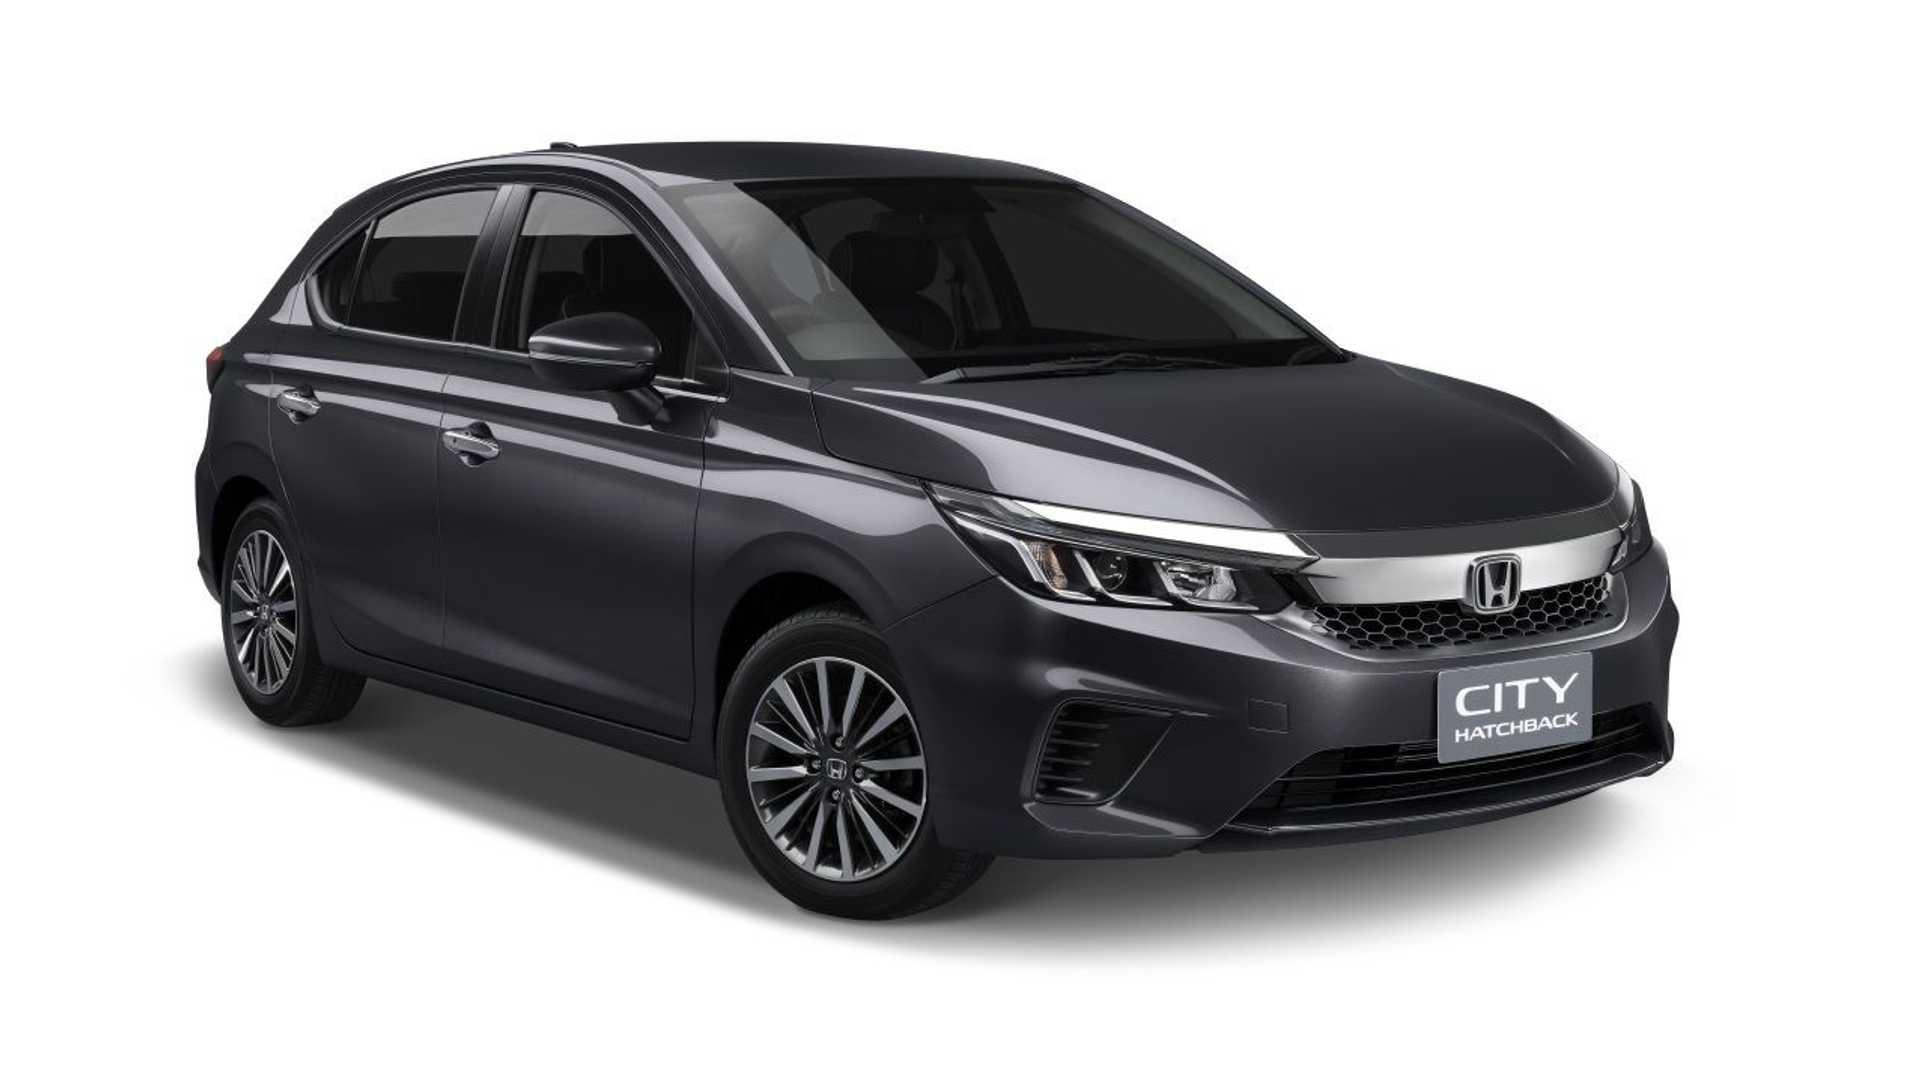 Honda-City-Hatchback-2021-12